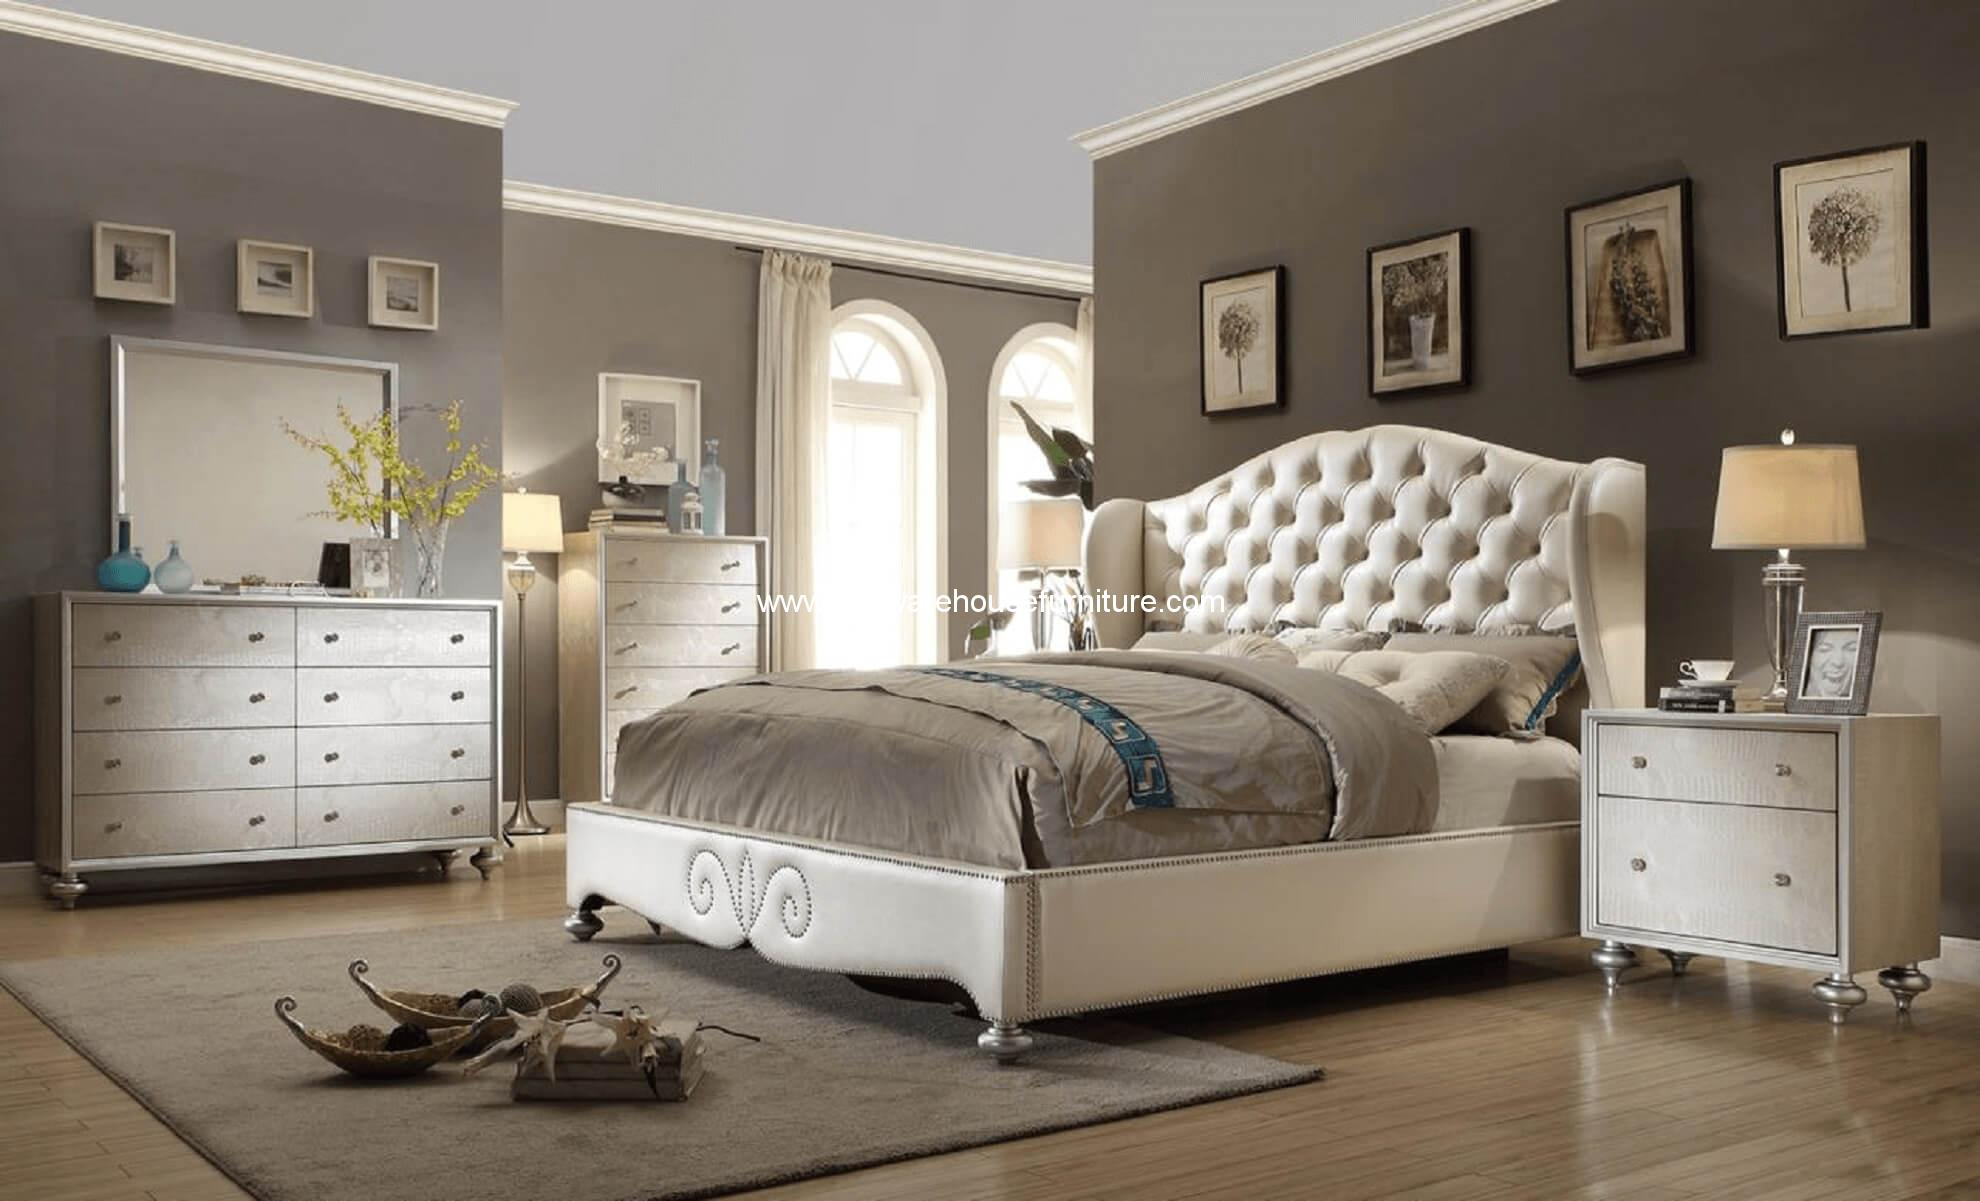 paris shelter upholstered pearl bedroom set. Black Bedroom Furniture Sets. Home Design Ideas